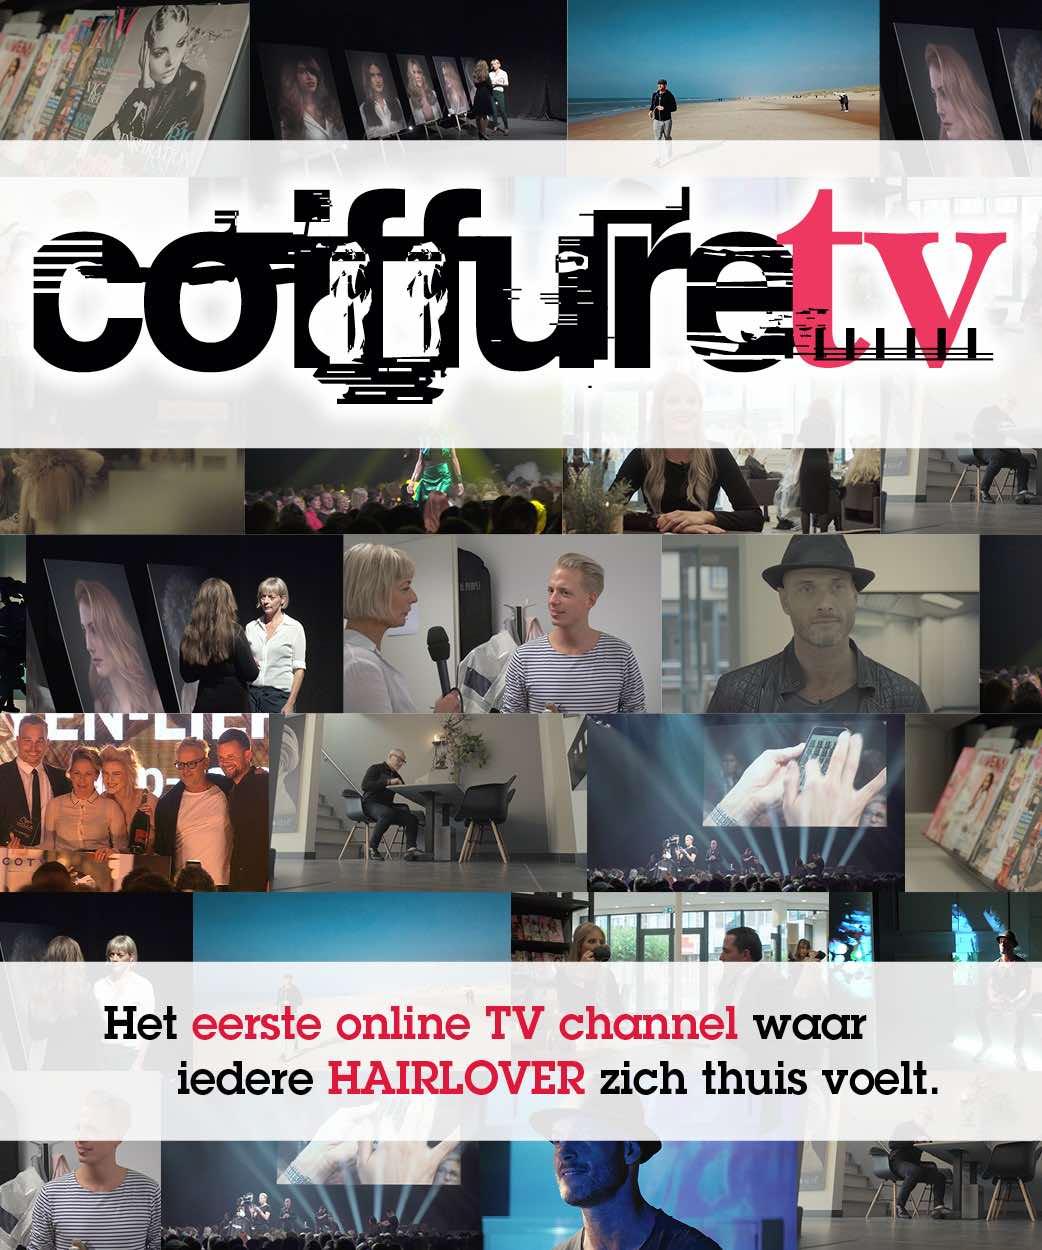 Coiffure TV voor hairlovers